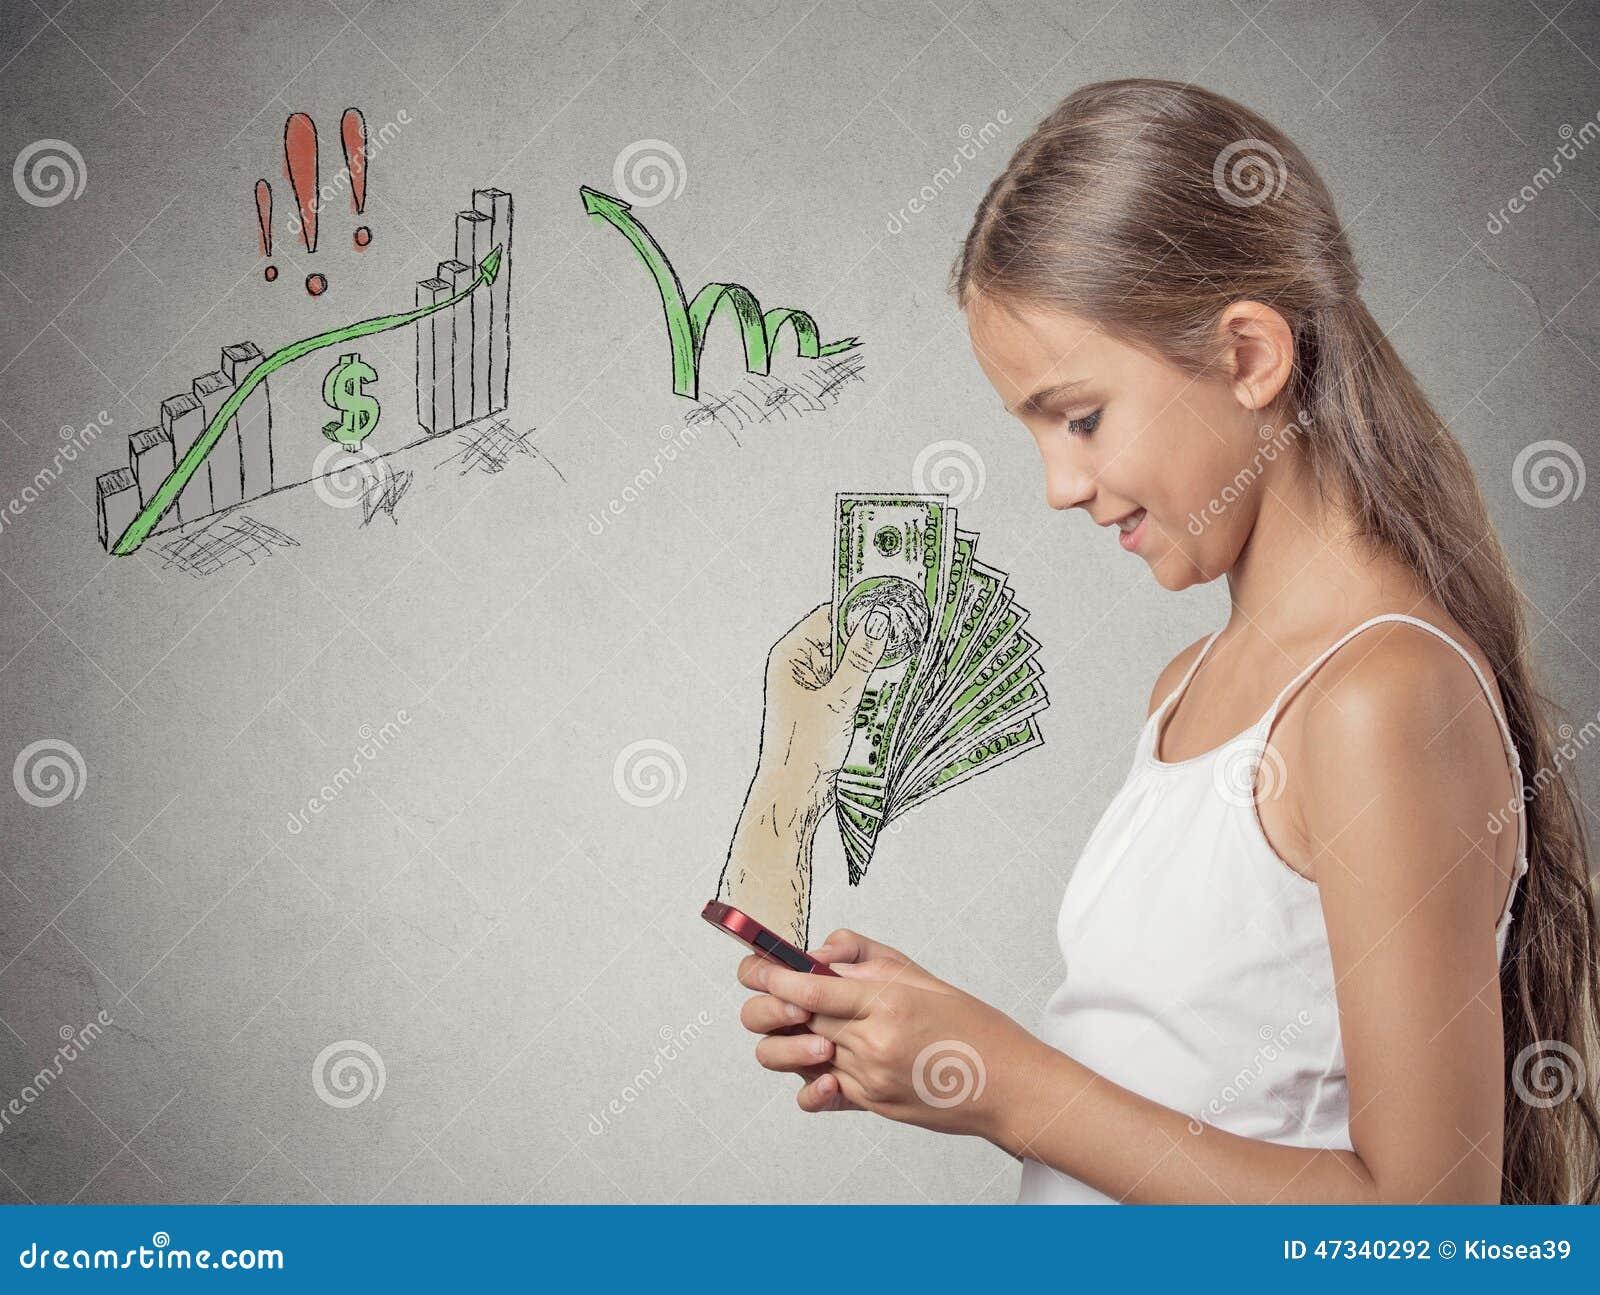 Start an online business as Teenager?